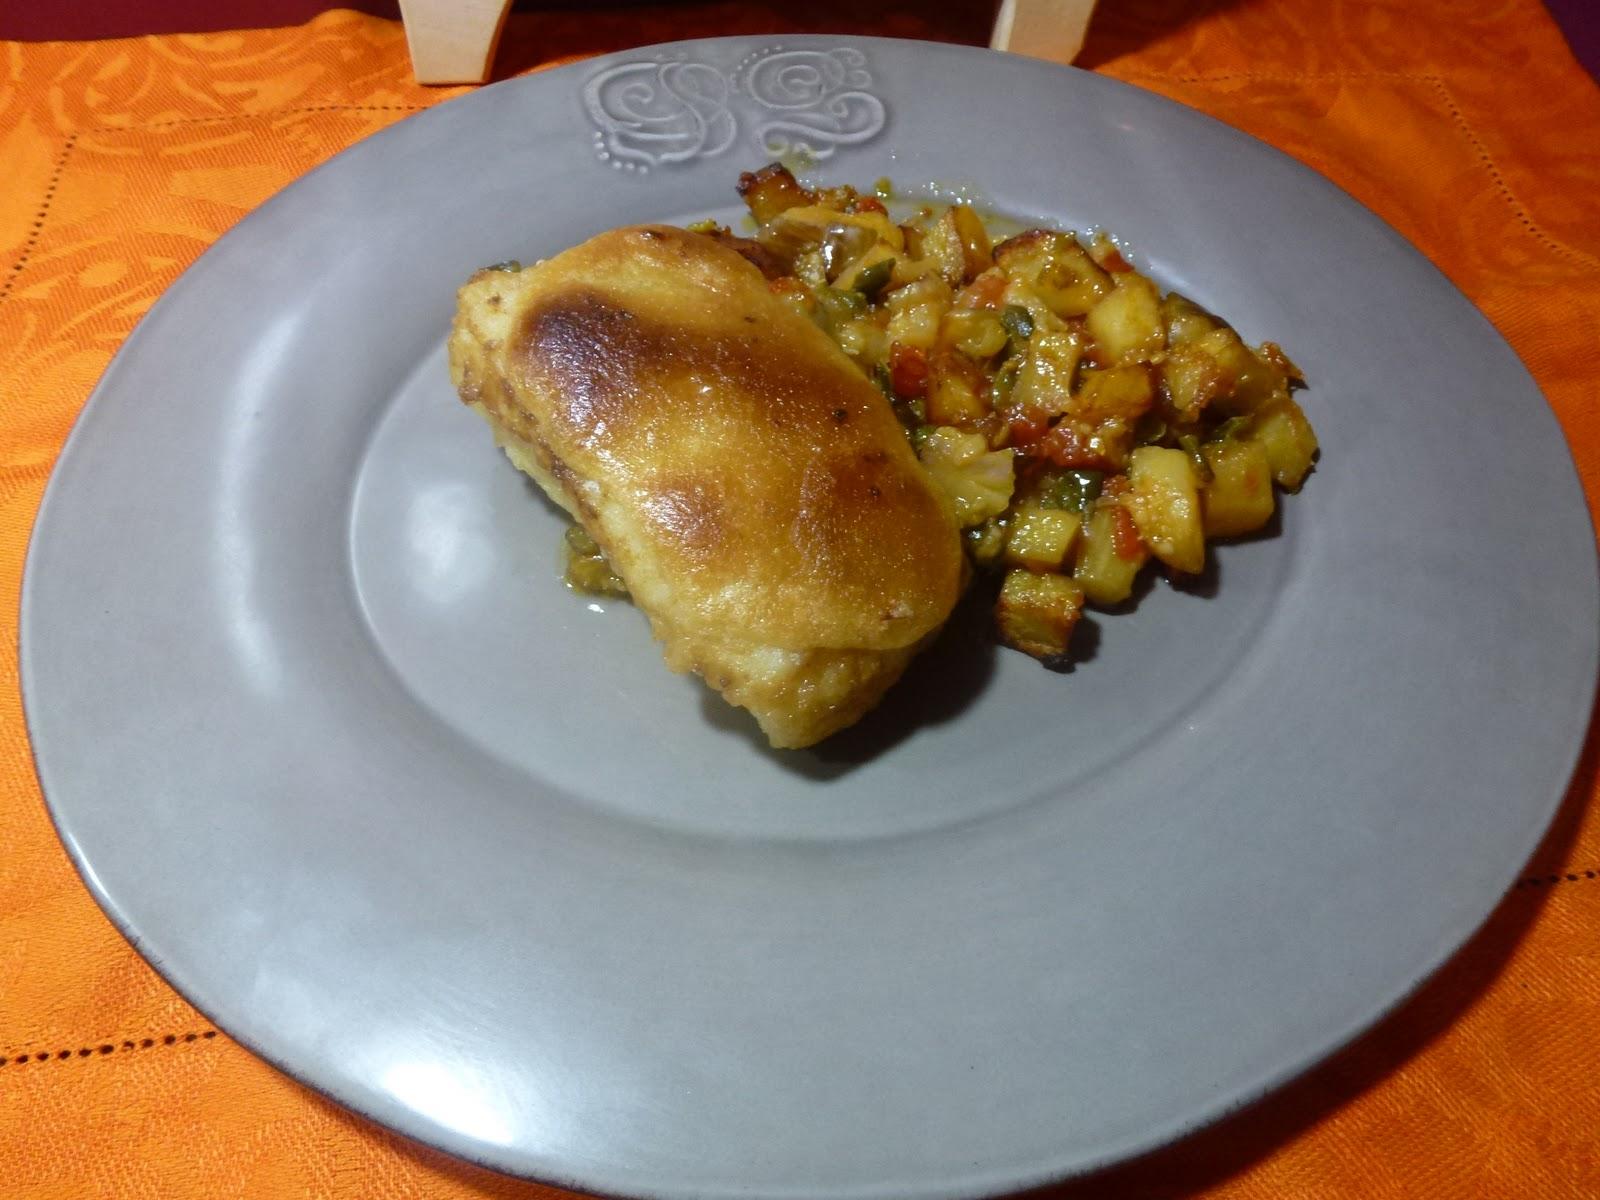 Pistas Para Identificar Las Buenas Panaderías: MI COCINA EN TU MESA: Octubre 2011